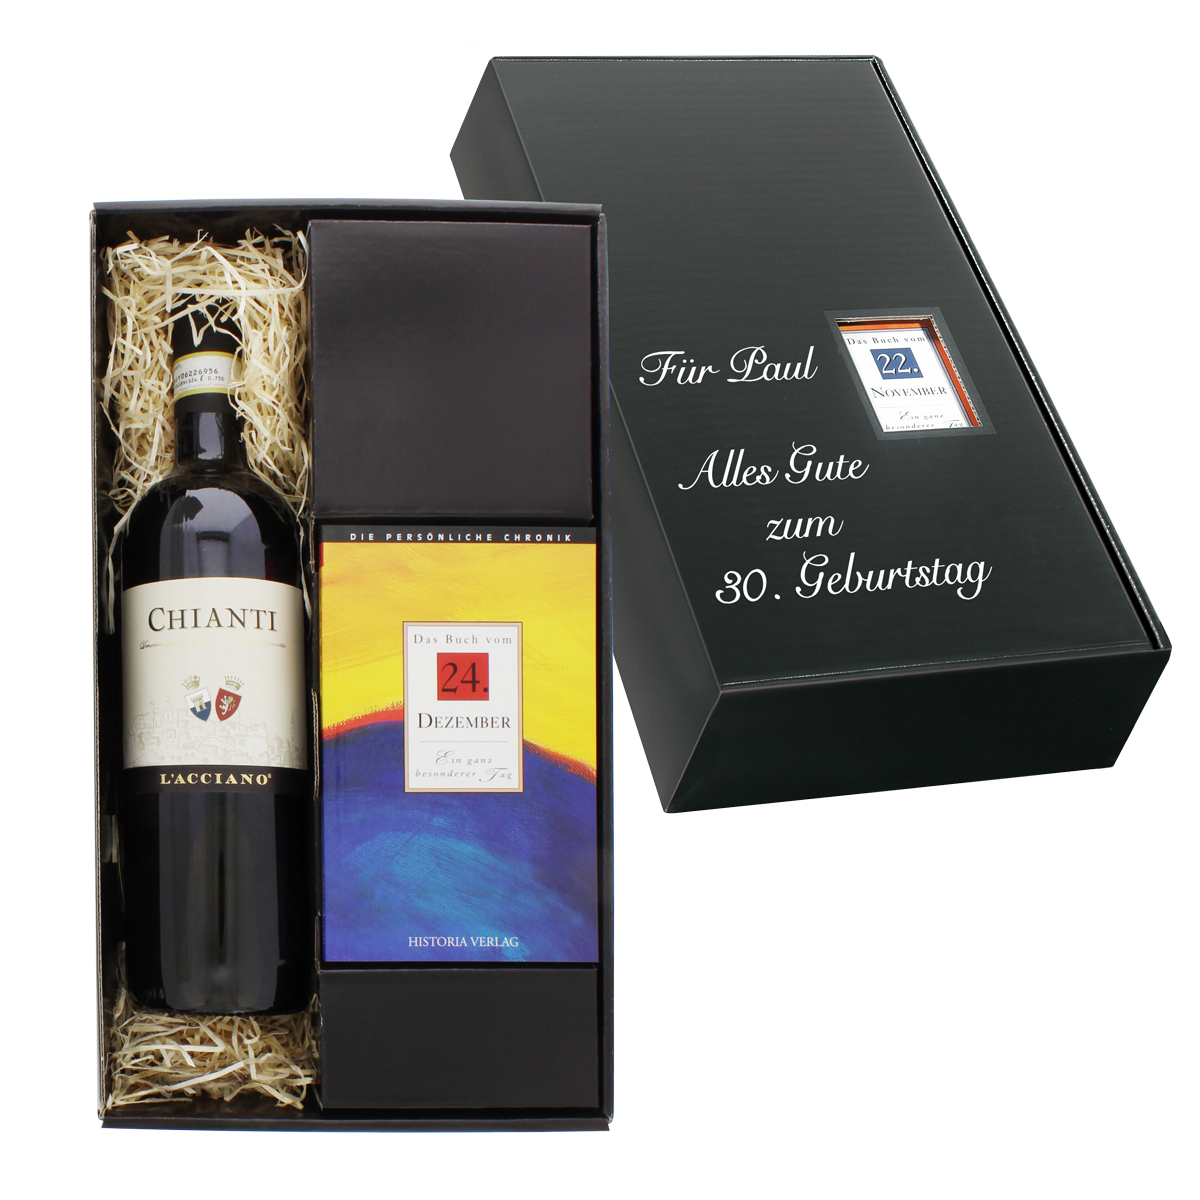 Italien-Set: Tageschronik vom 16. Februar & Chianti-Wein